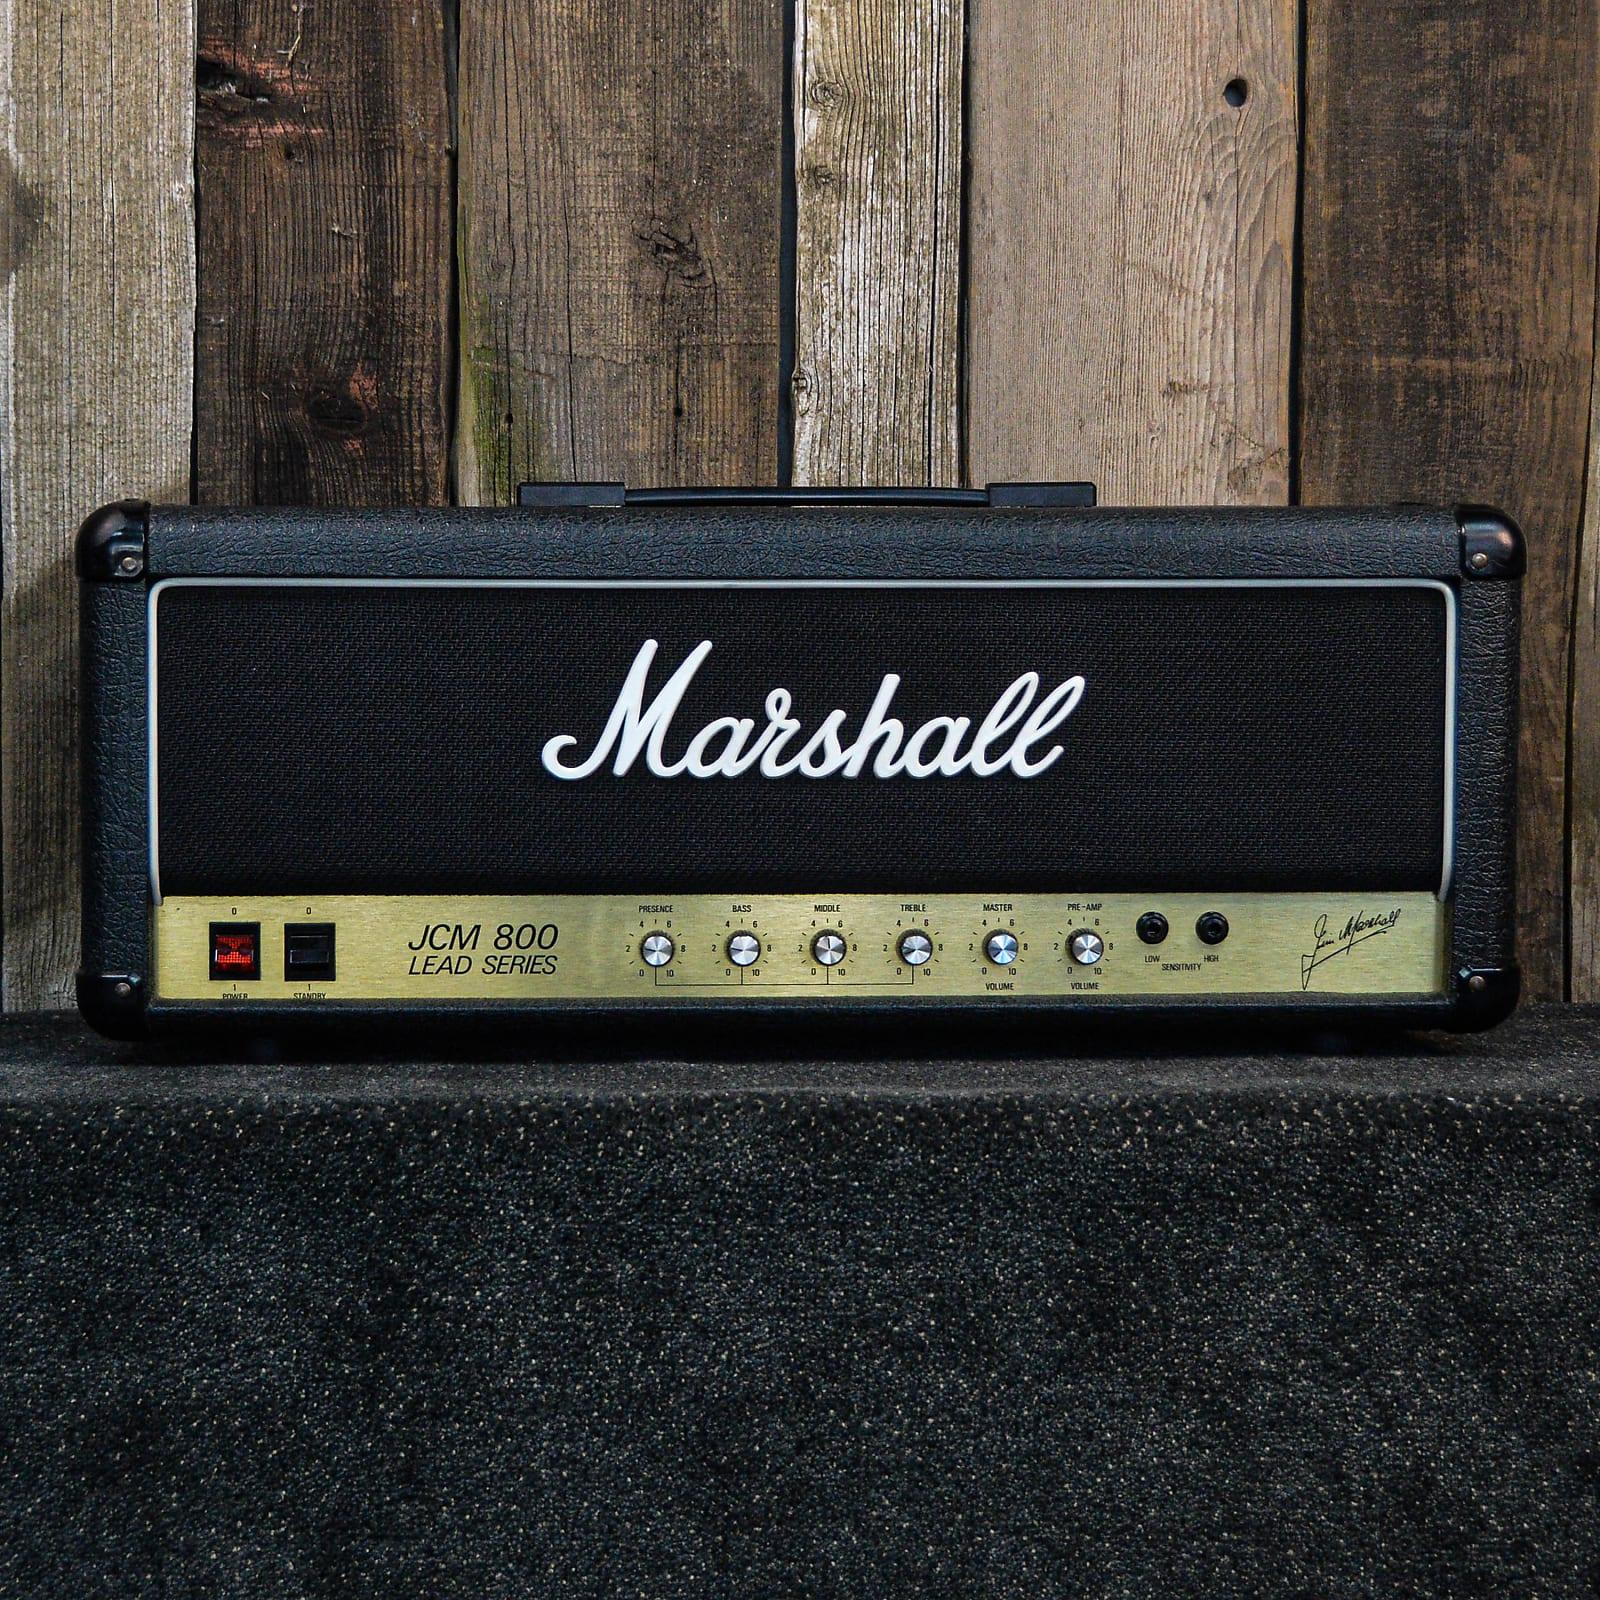 Marshall JCM 800 Lead Series Model 2204 50-Watt Master Volume Head 1986 Black